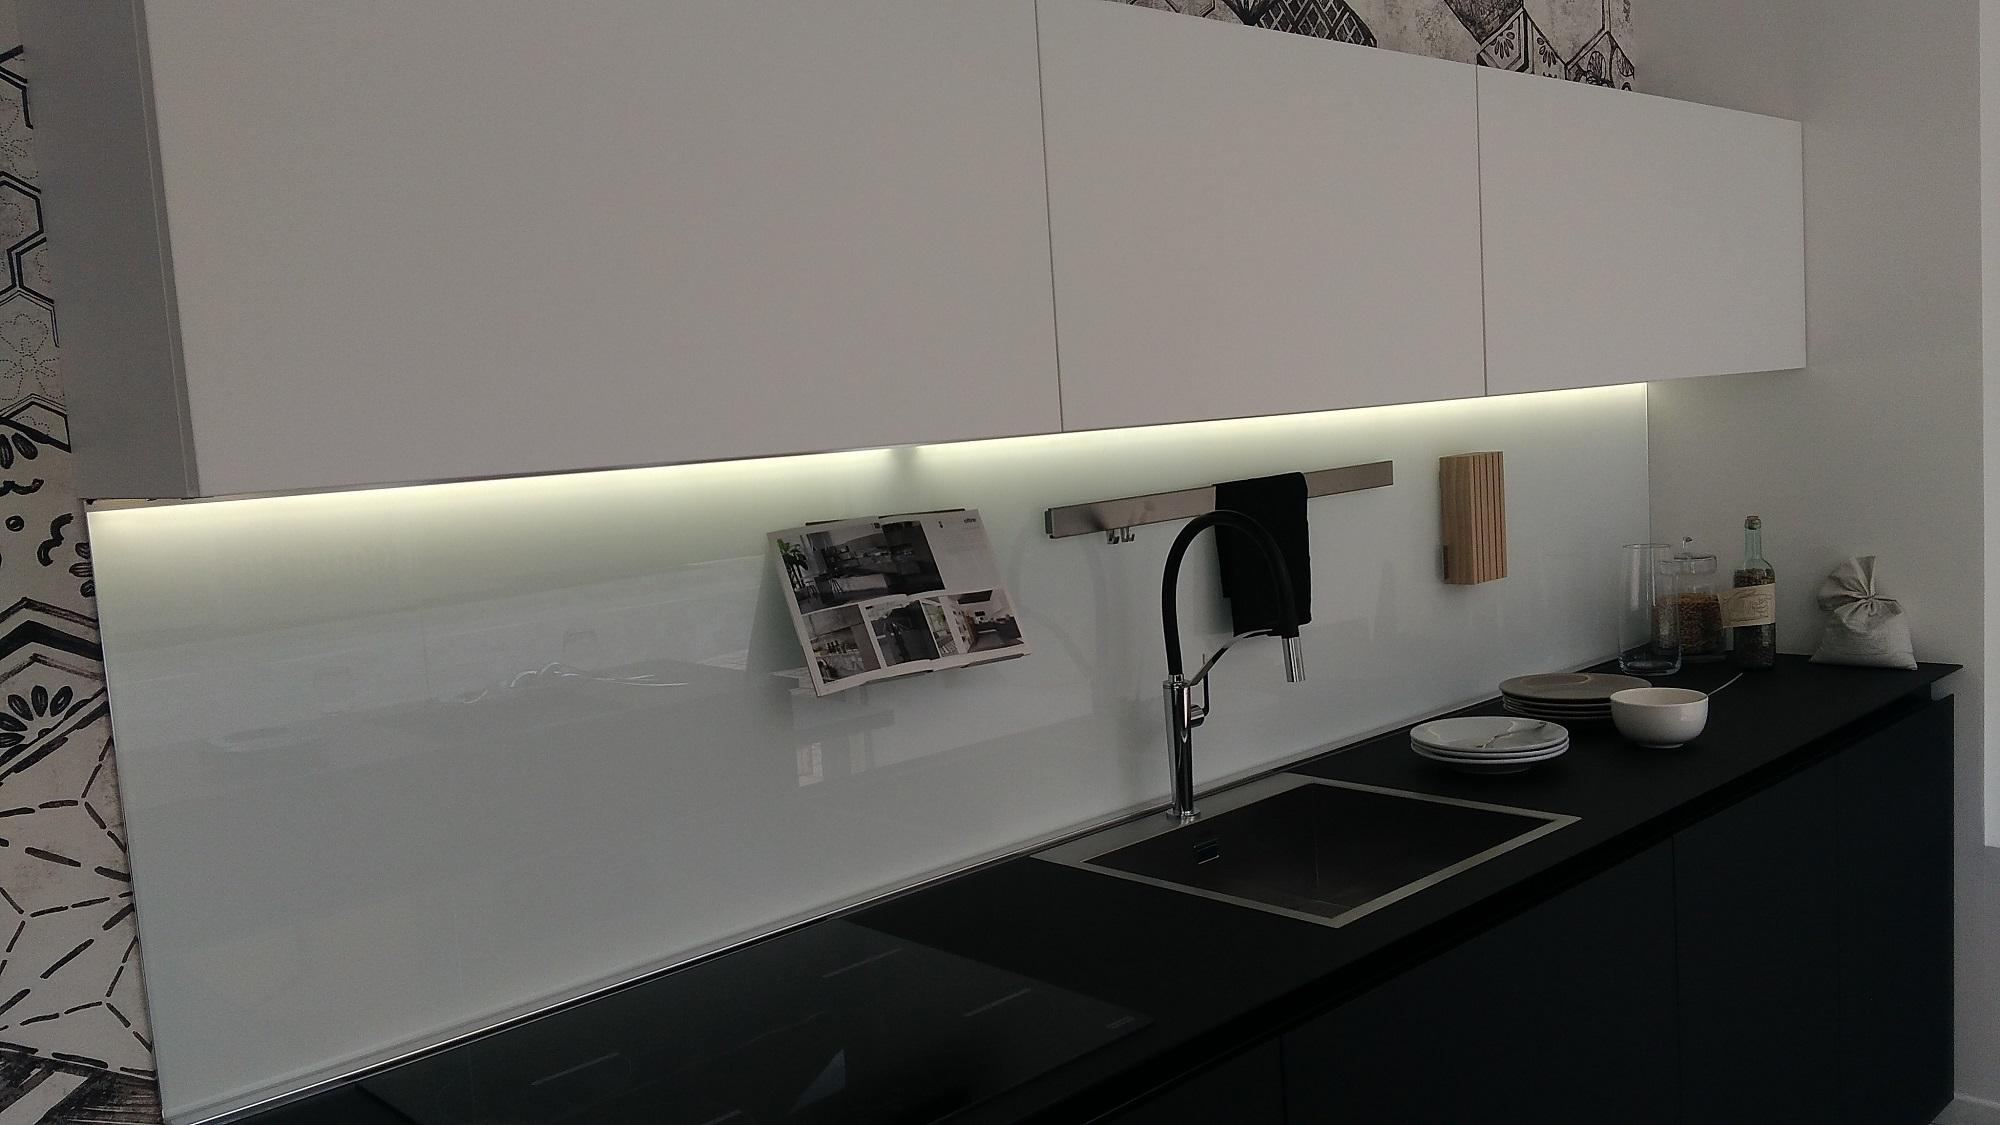 Cucina lube modello oltre cucine a prezzi scontati - Cucina lube oltre ...